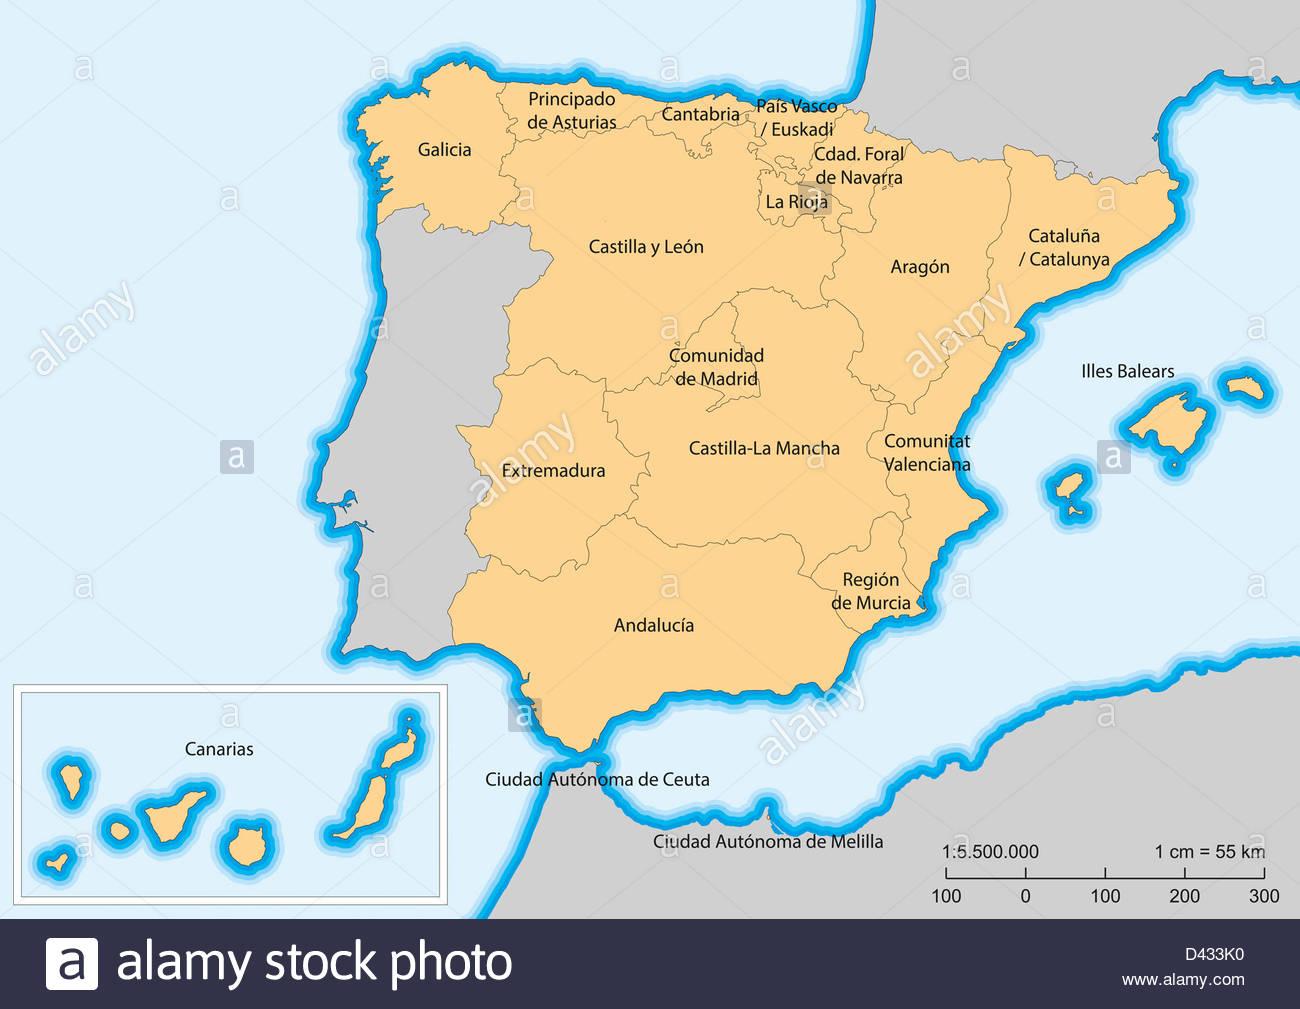 Map of Spain with islands Autonomous communities Escale 1